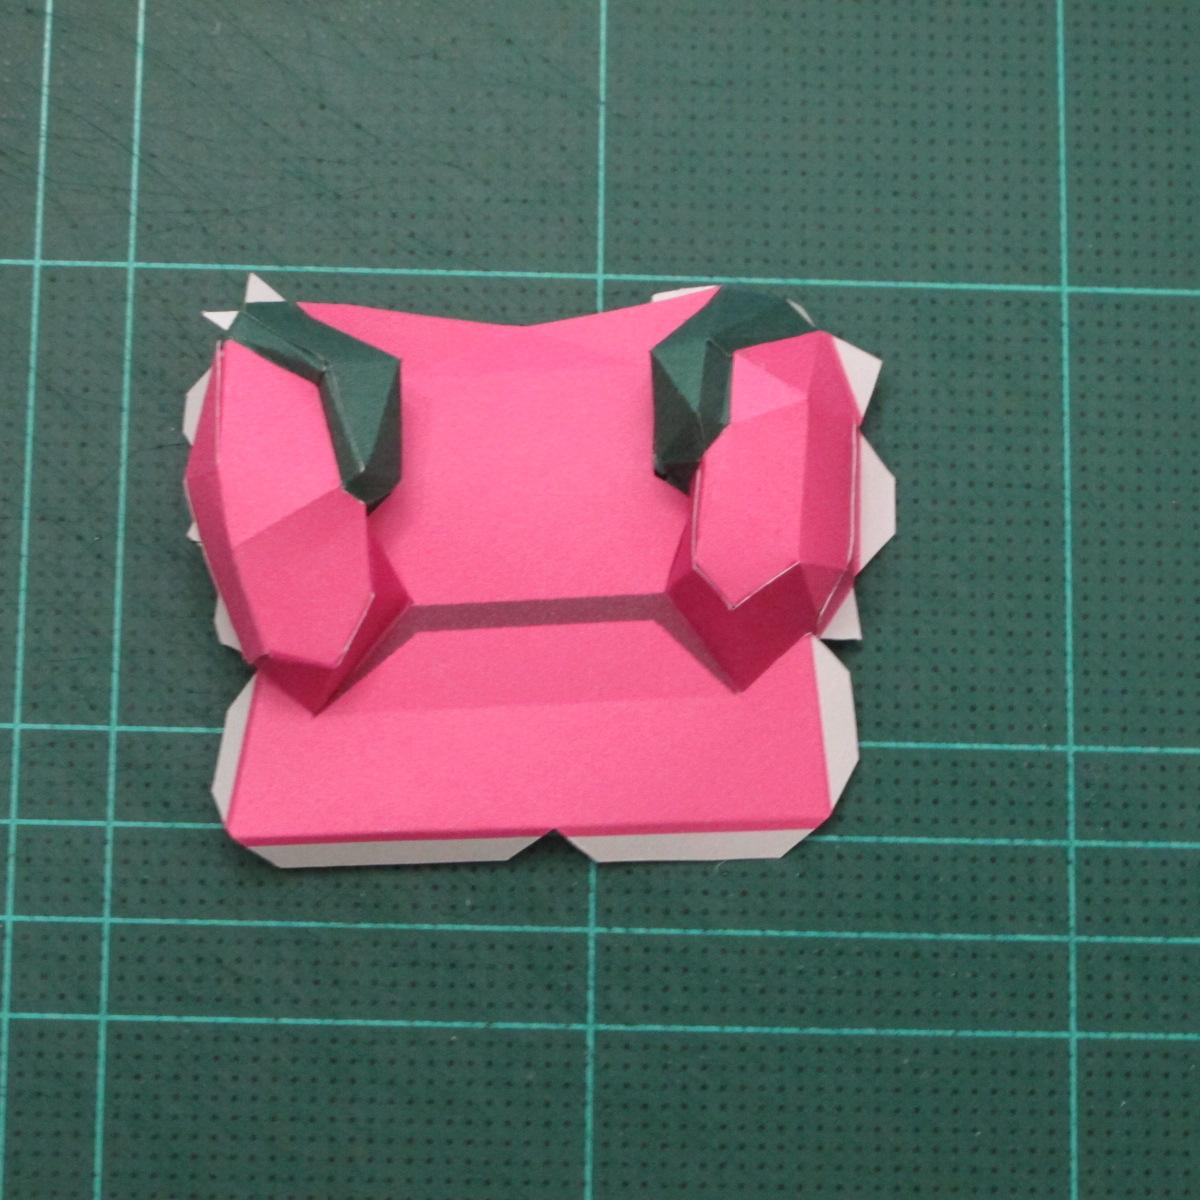 วิธีทำโมเดลกระดาษตุ้กตาคุกกี้รัน คุกกี้รสสตอเบอรี่ (LINE Cookie Run Strawberry Cookie Papercraft Model) 013